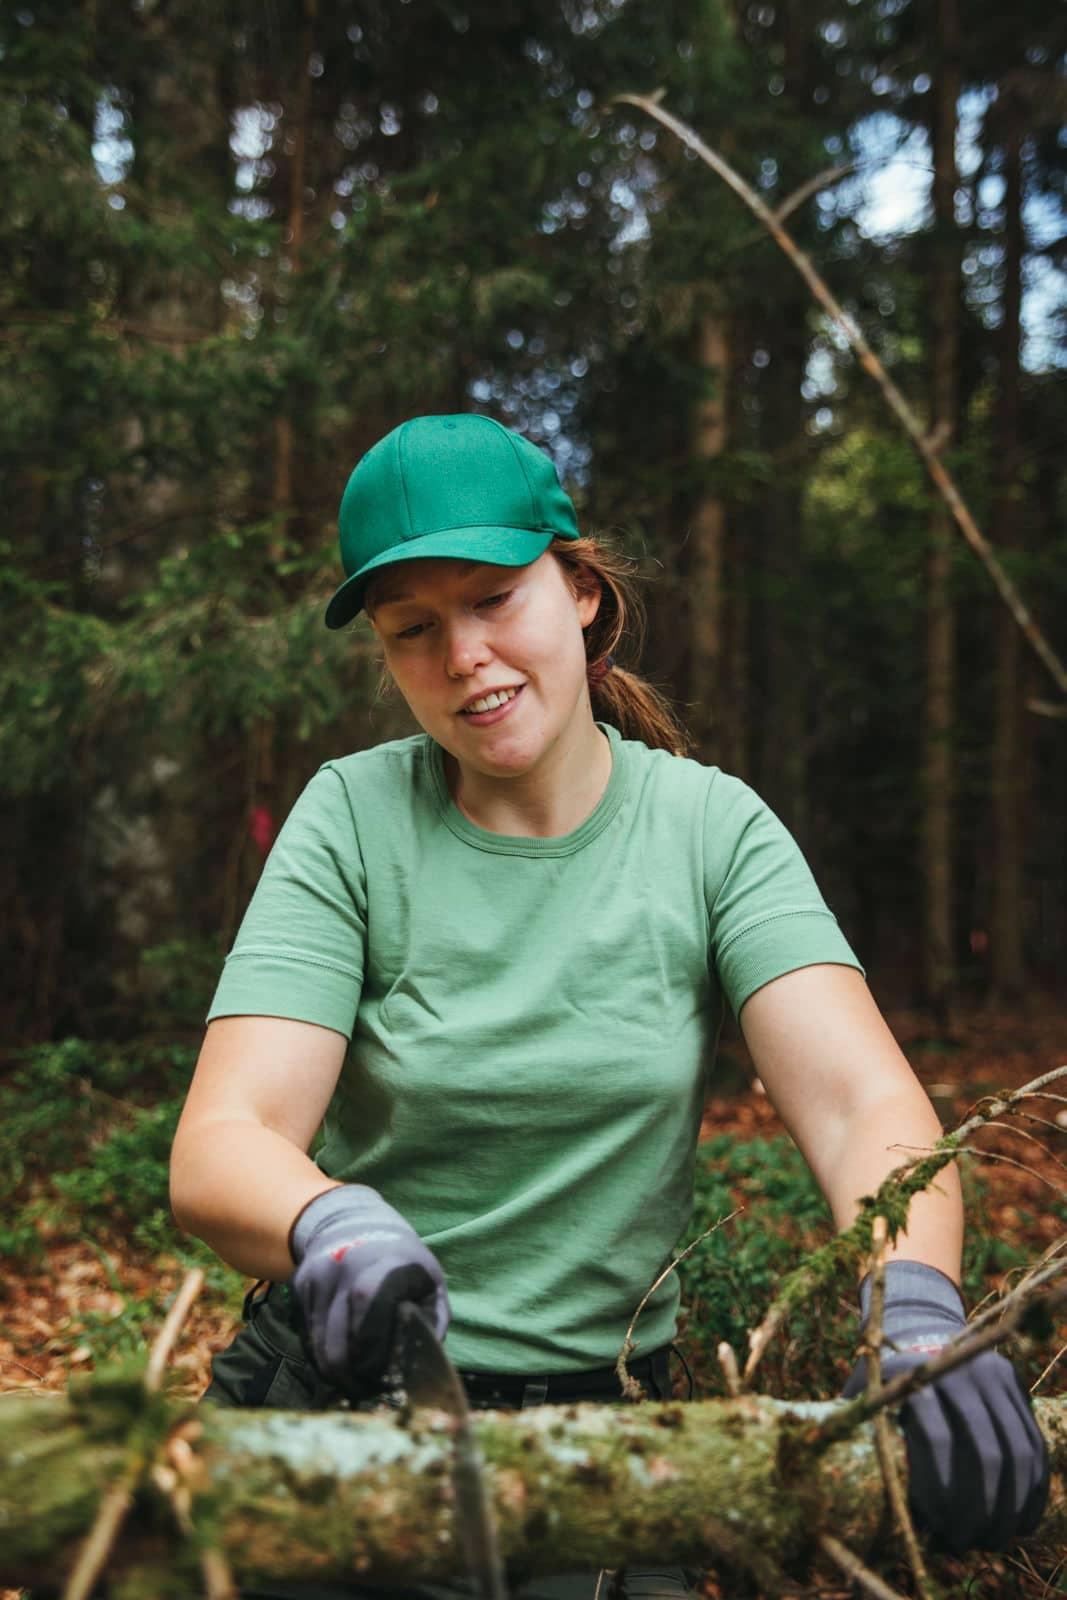 Frau sägt Äste an einem Baum ab